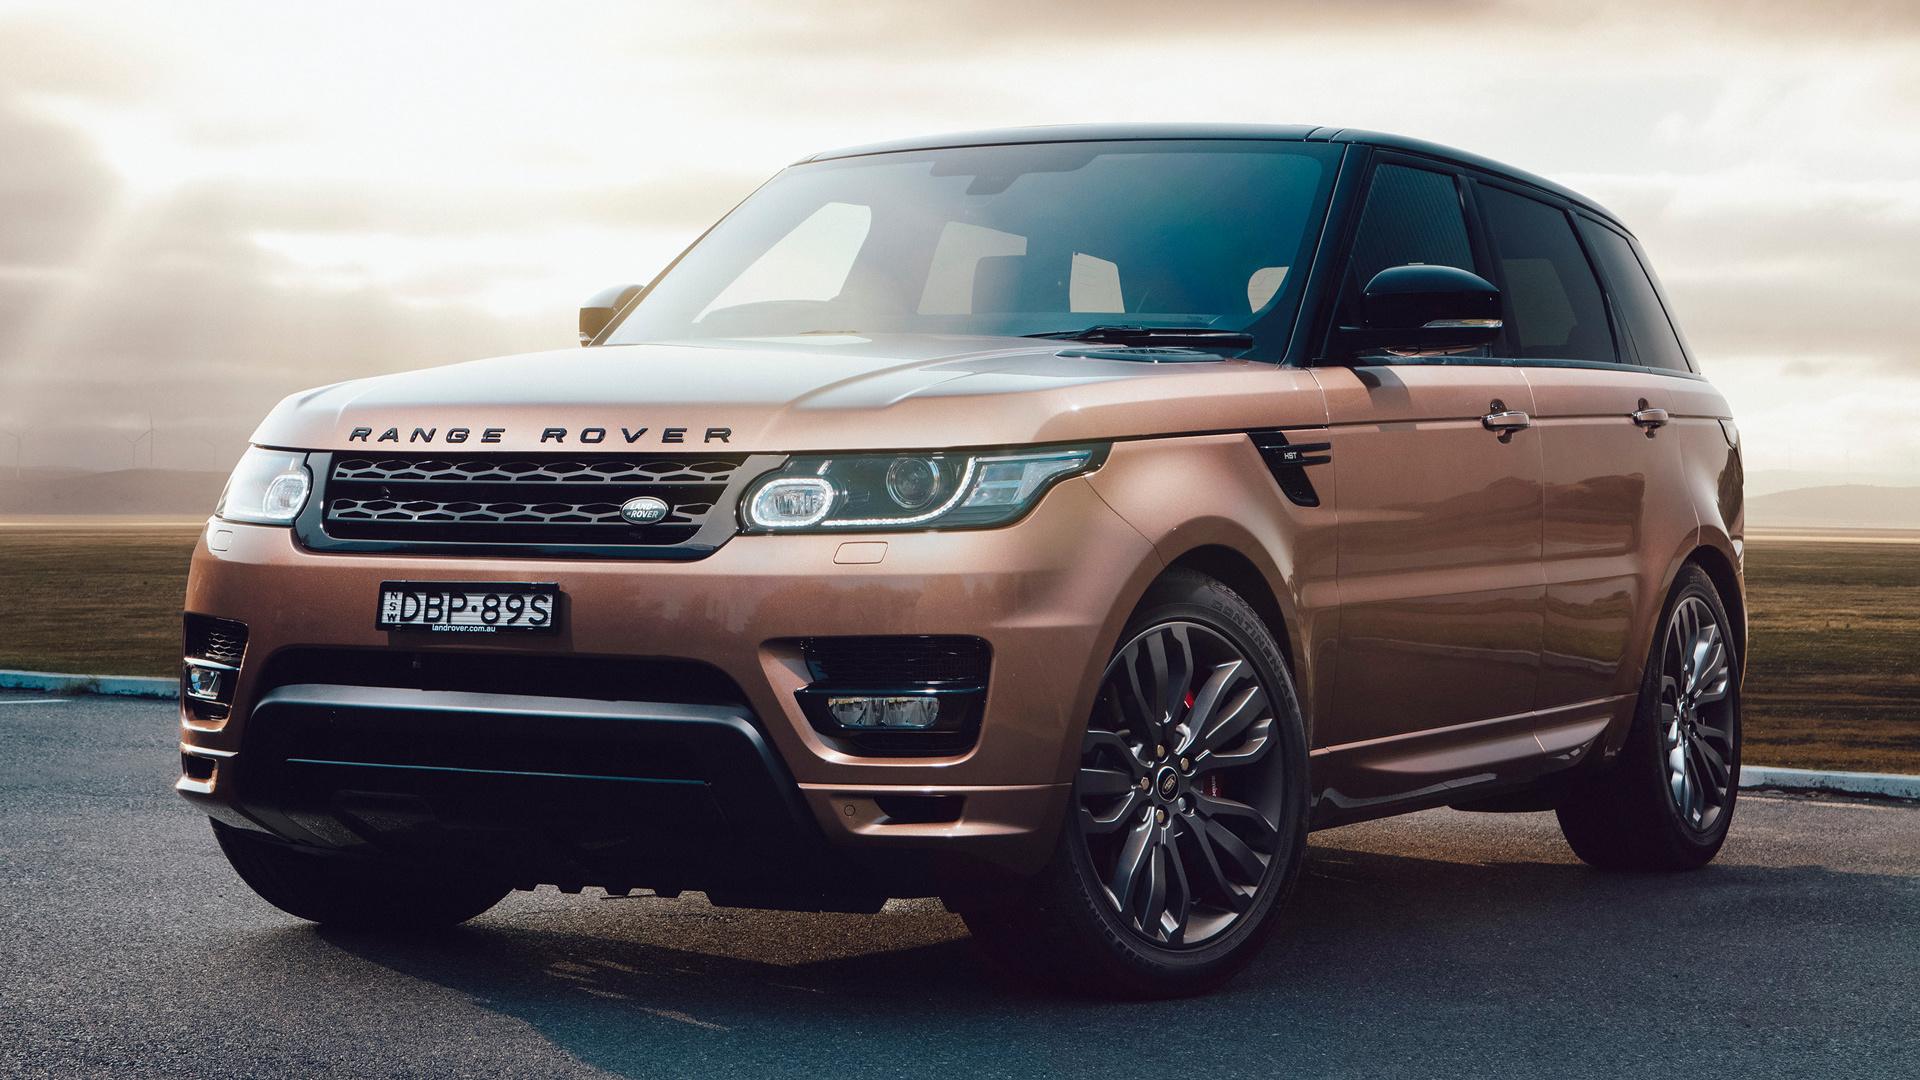 Range Rover Wallpaper Hd: 2016 Range Rover Sport HST (AU)